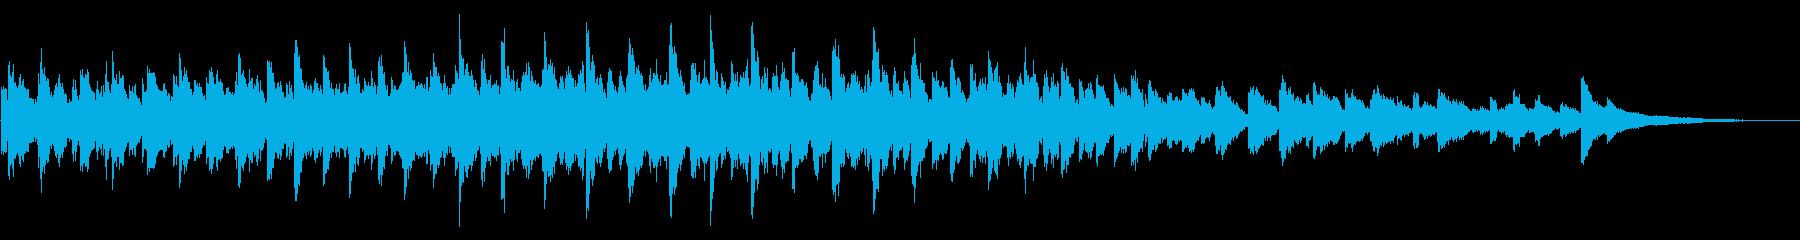 メルトン教会、4つの鐘:鳴り響き、...の再生済みの波形